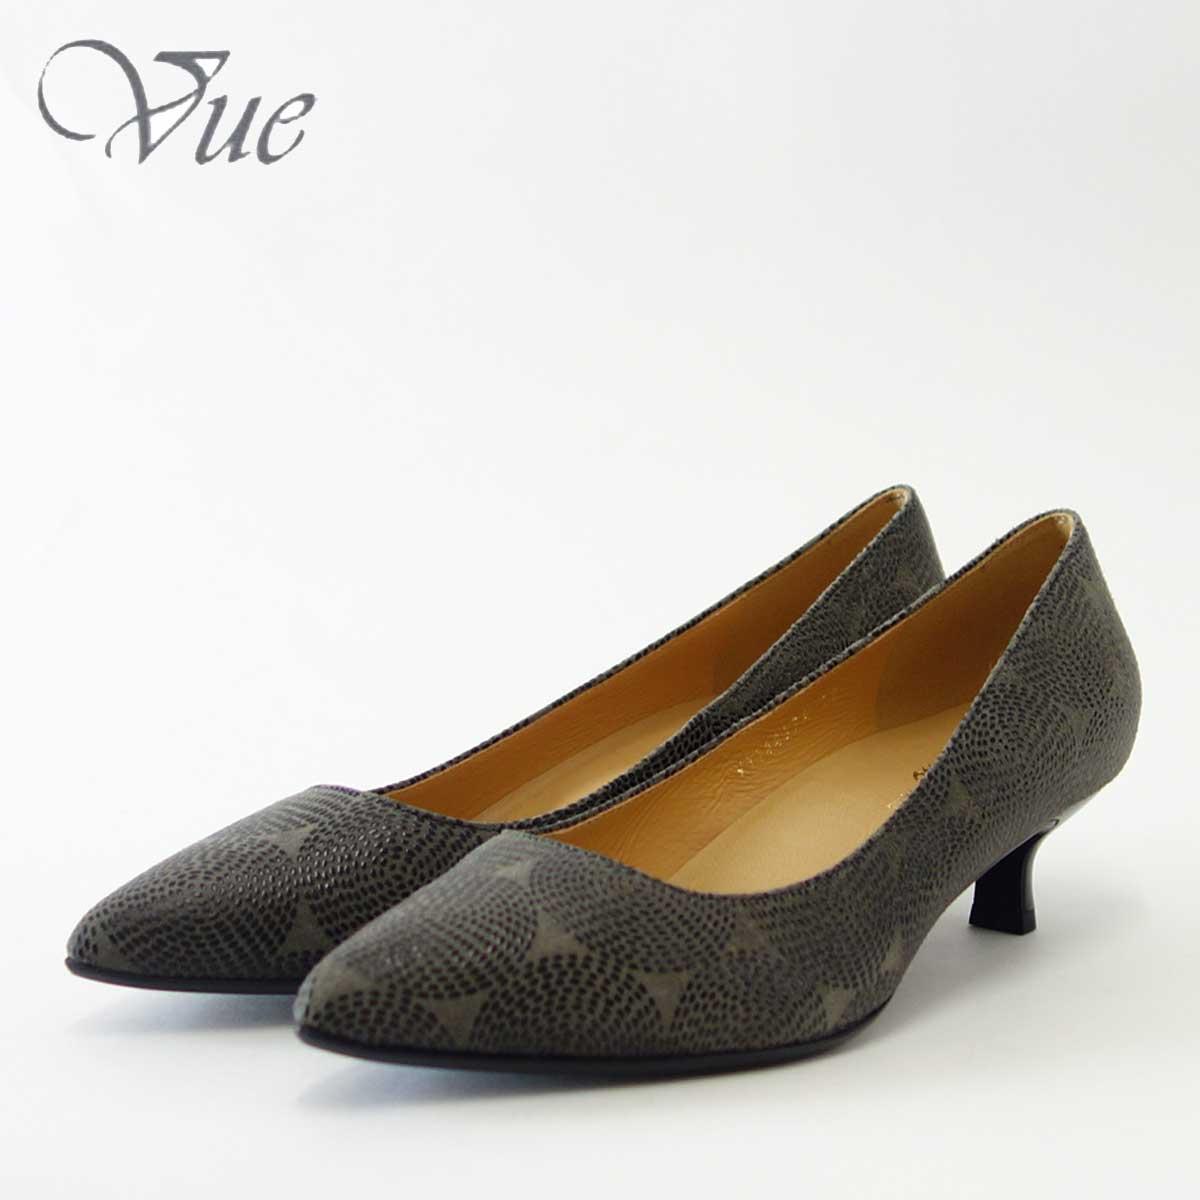 Vue ビュー EIZO Collection 14437A グレープリント上質レザーのポインテッドプレーンパンプス「靴」